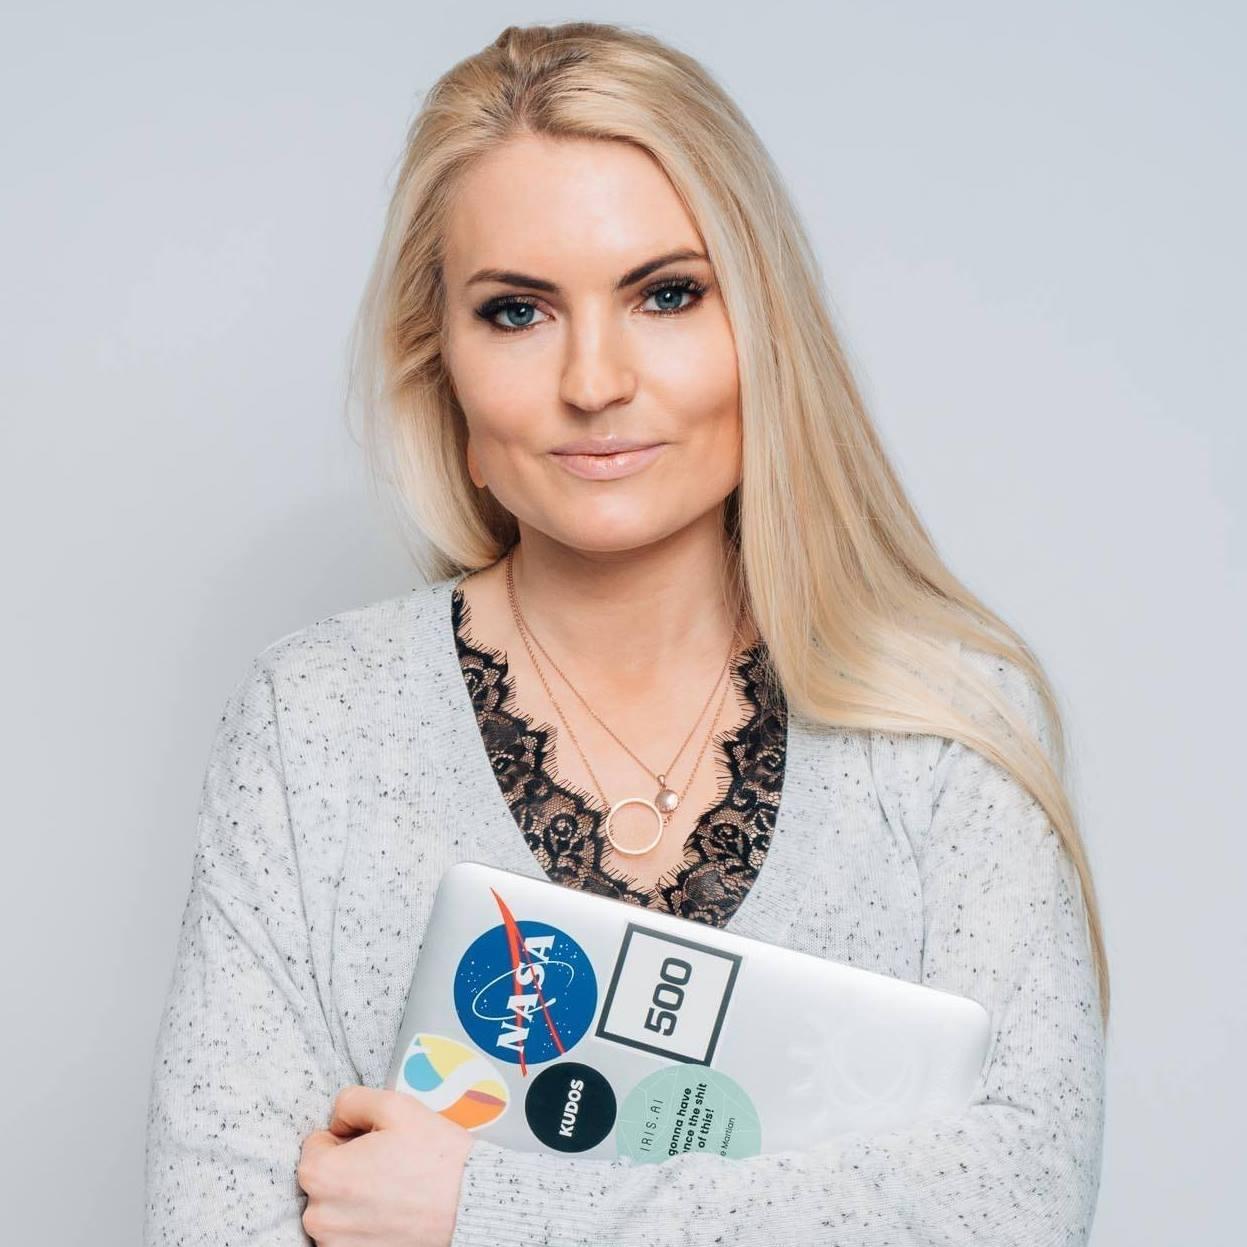 Isabelle Kristine Ringnes